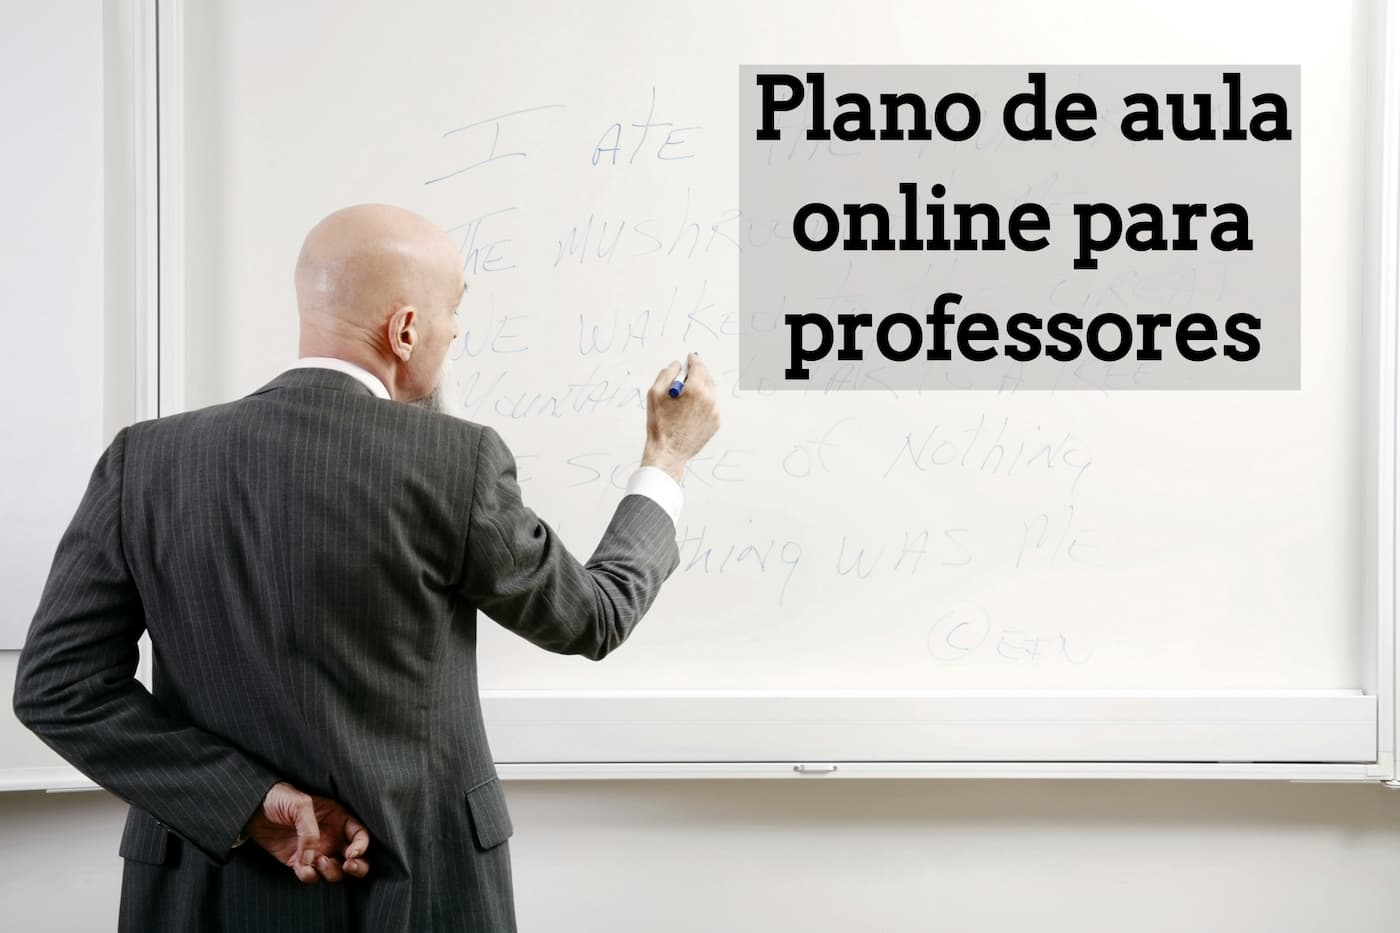 Plano de aula online para professores